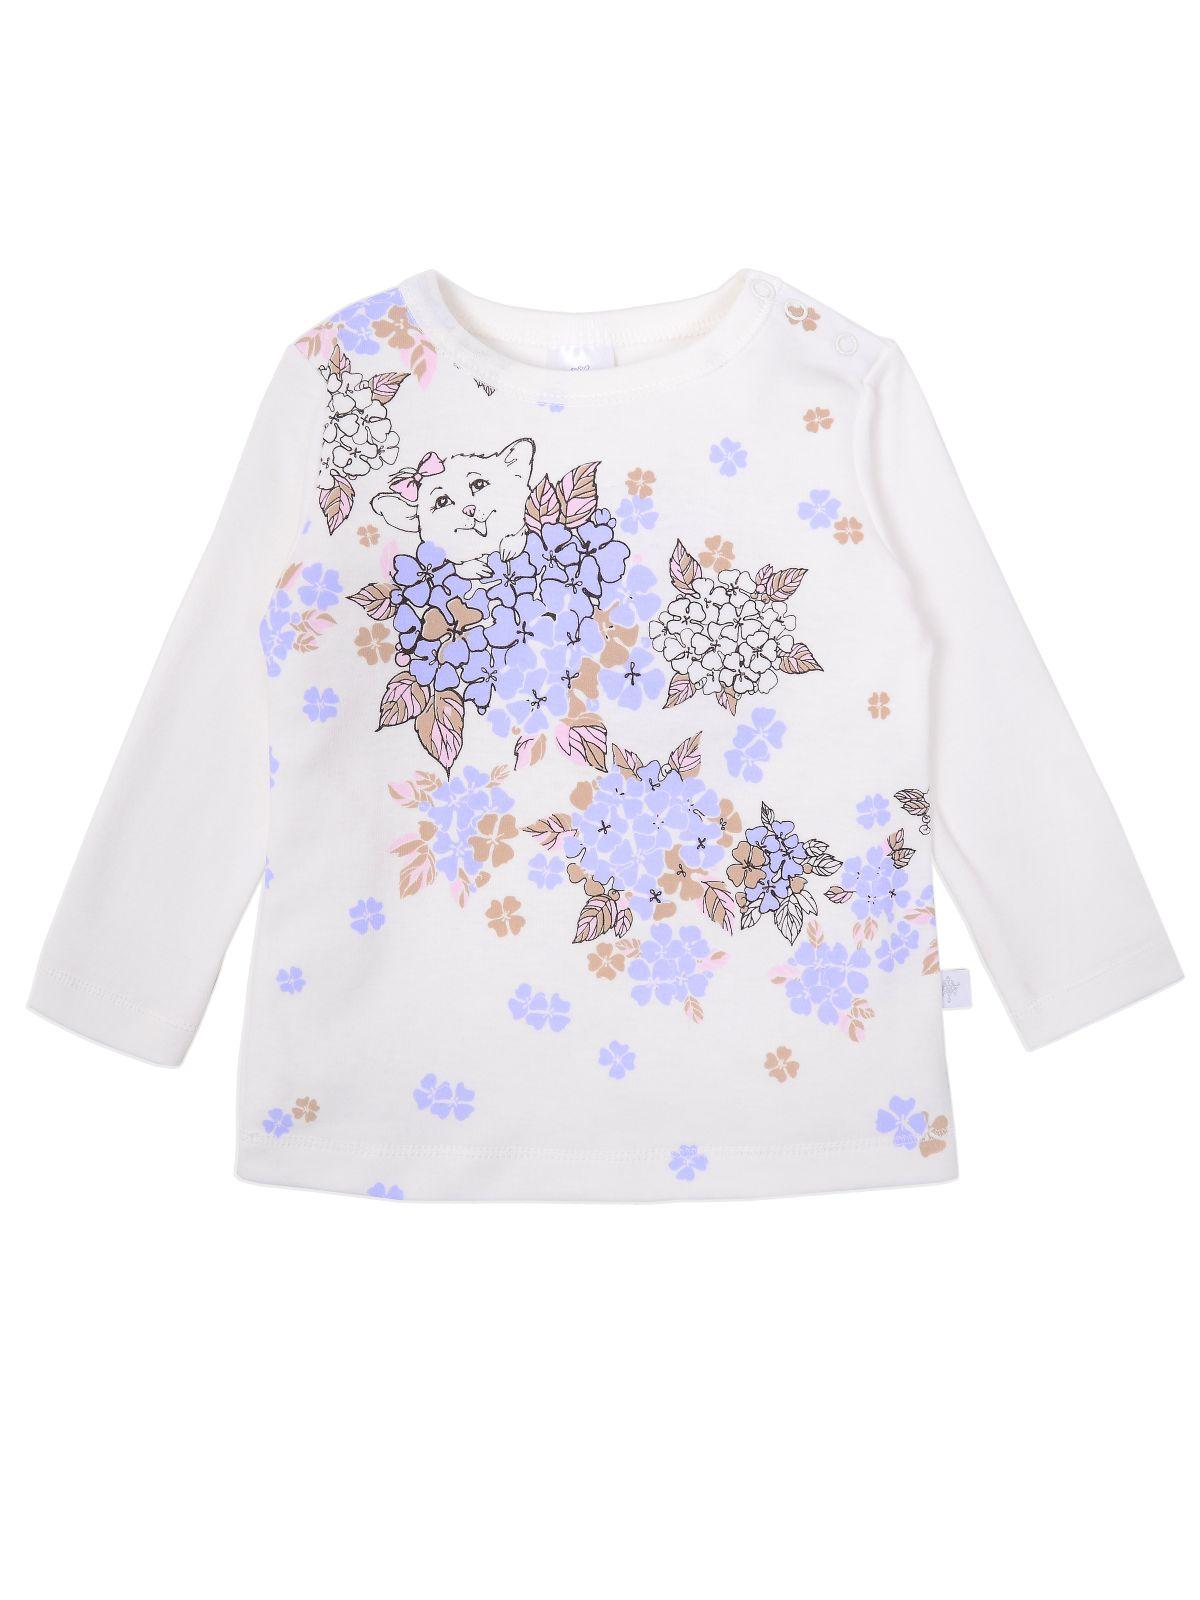 Купить Джемпер для девочки Мамуляндия 19-842 Интерлок, Молочный р.92, Кофточки, футболки для новорожденных